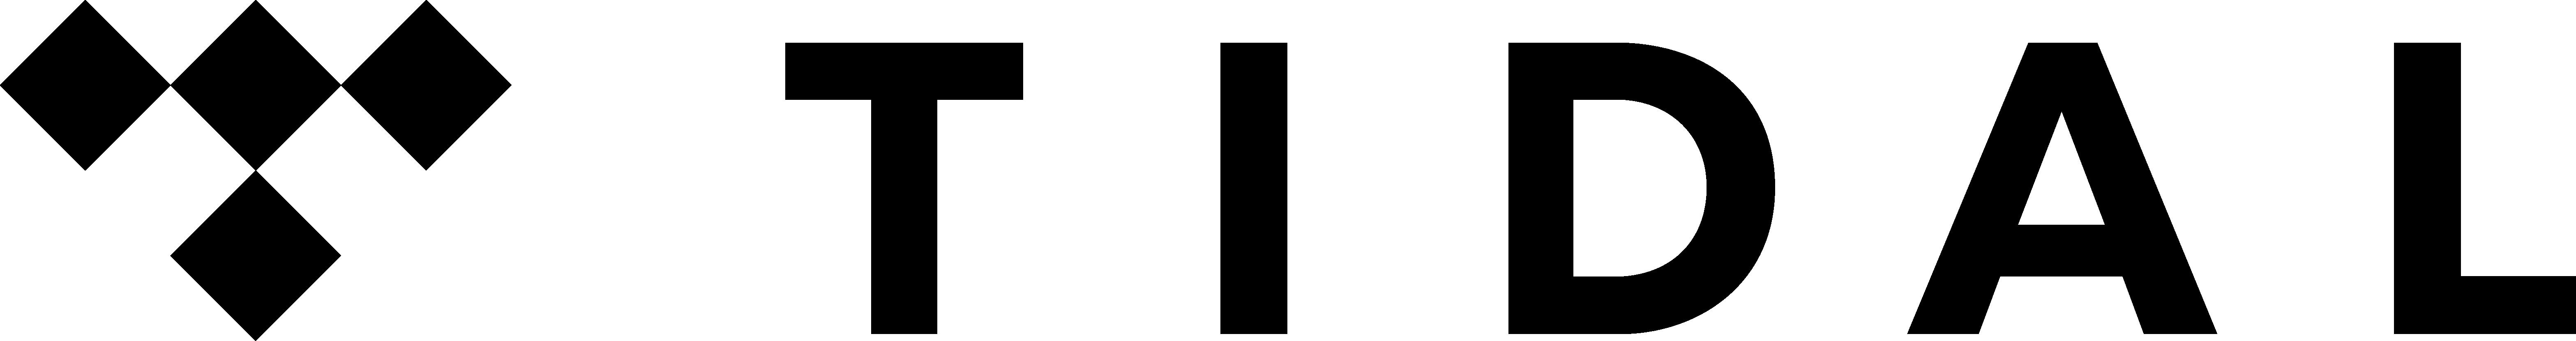 769e568f 3a68 4d66 a073 0a678cfa325c